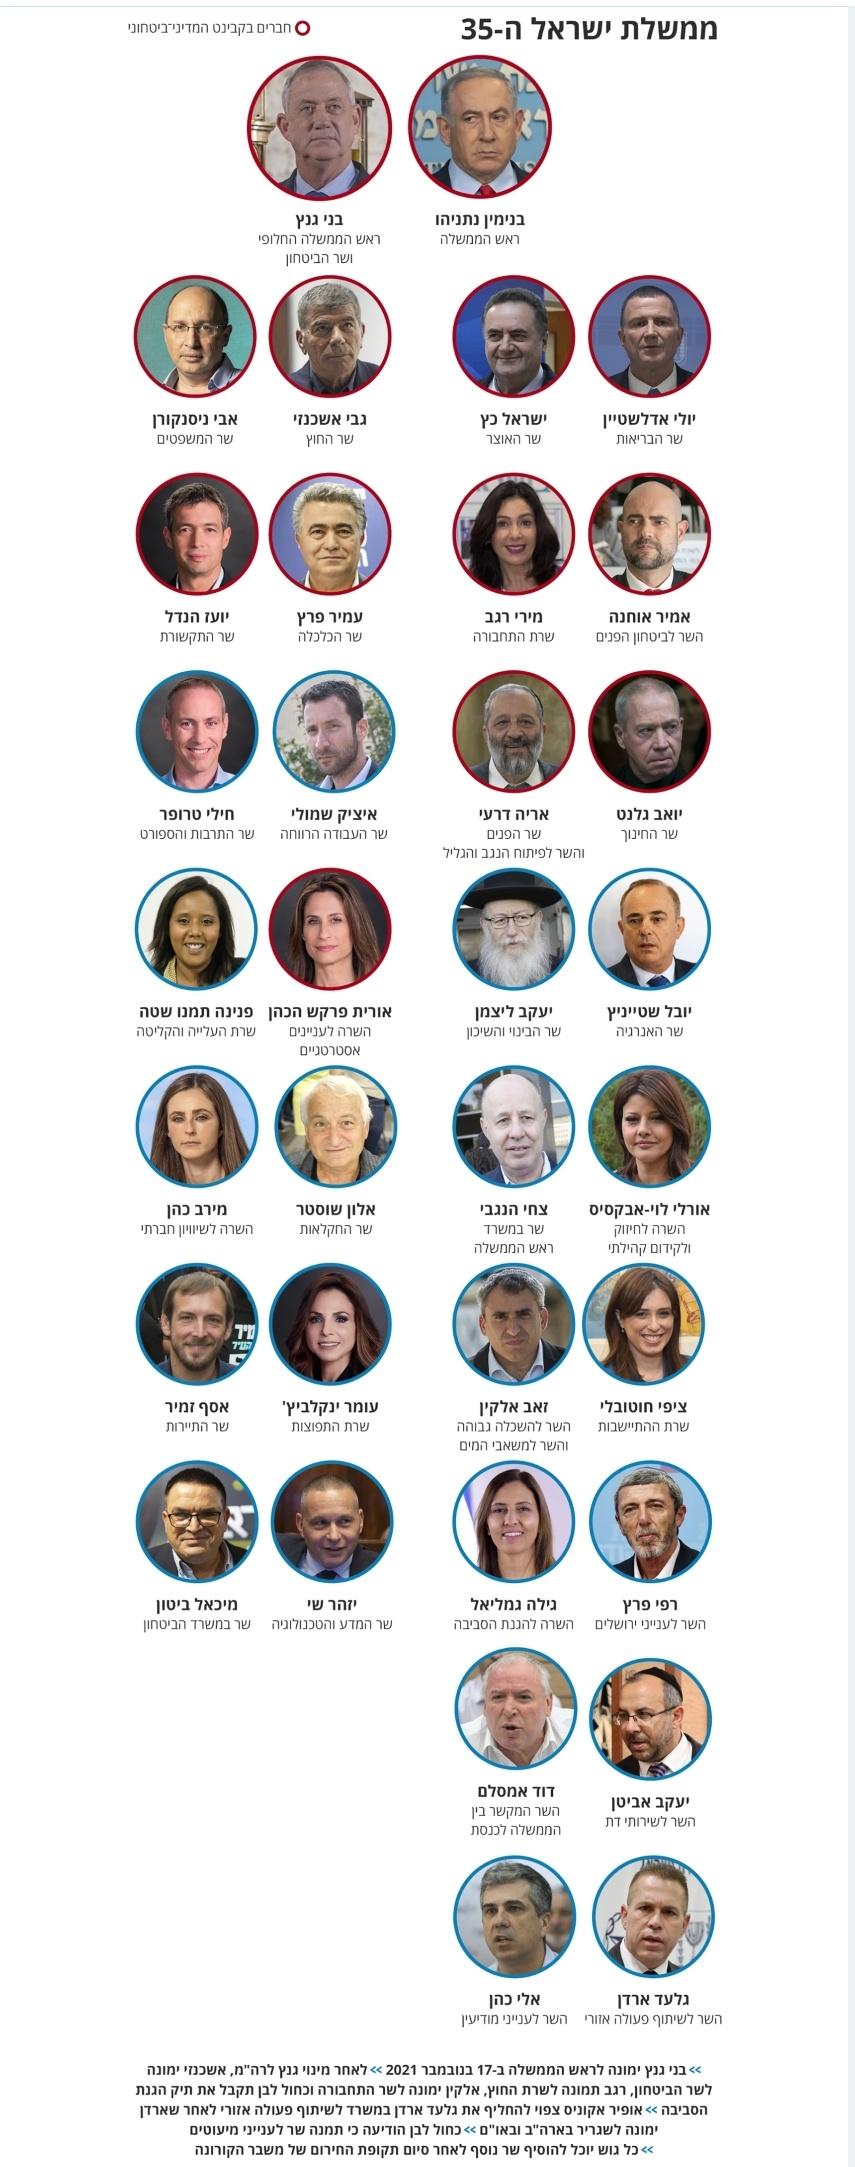 צמצום שכר חברי הכנסת